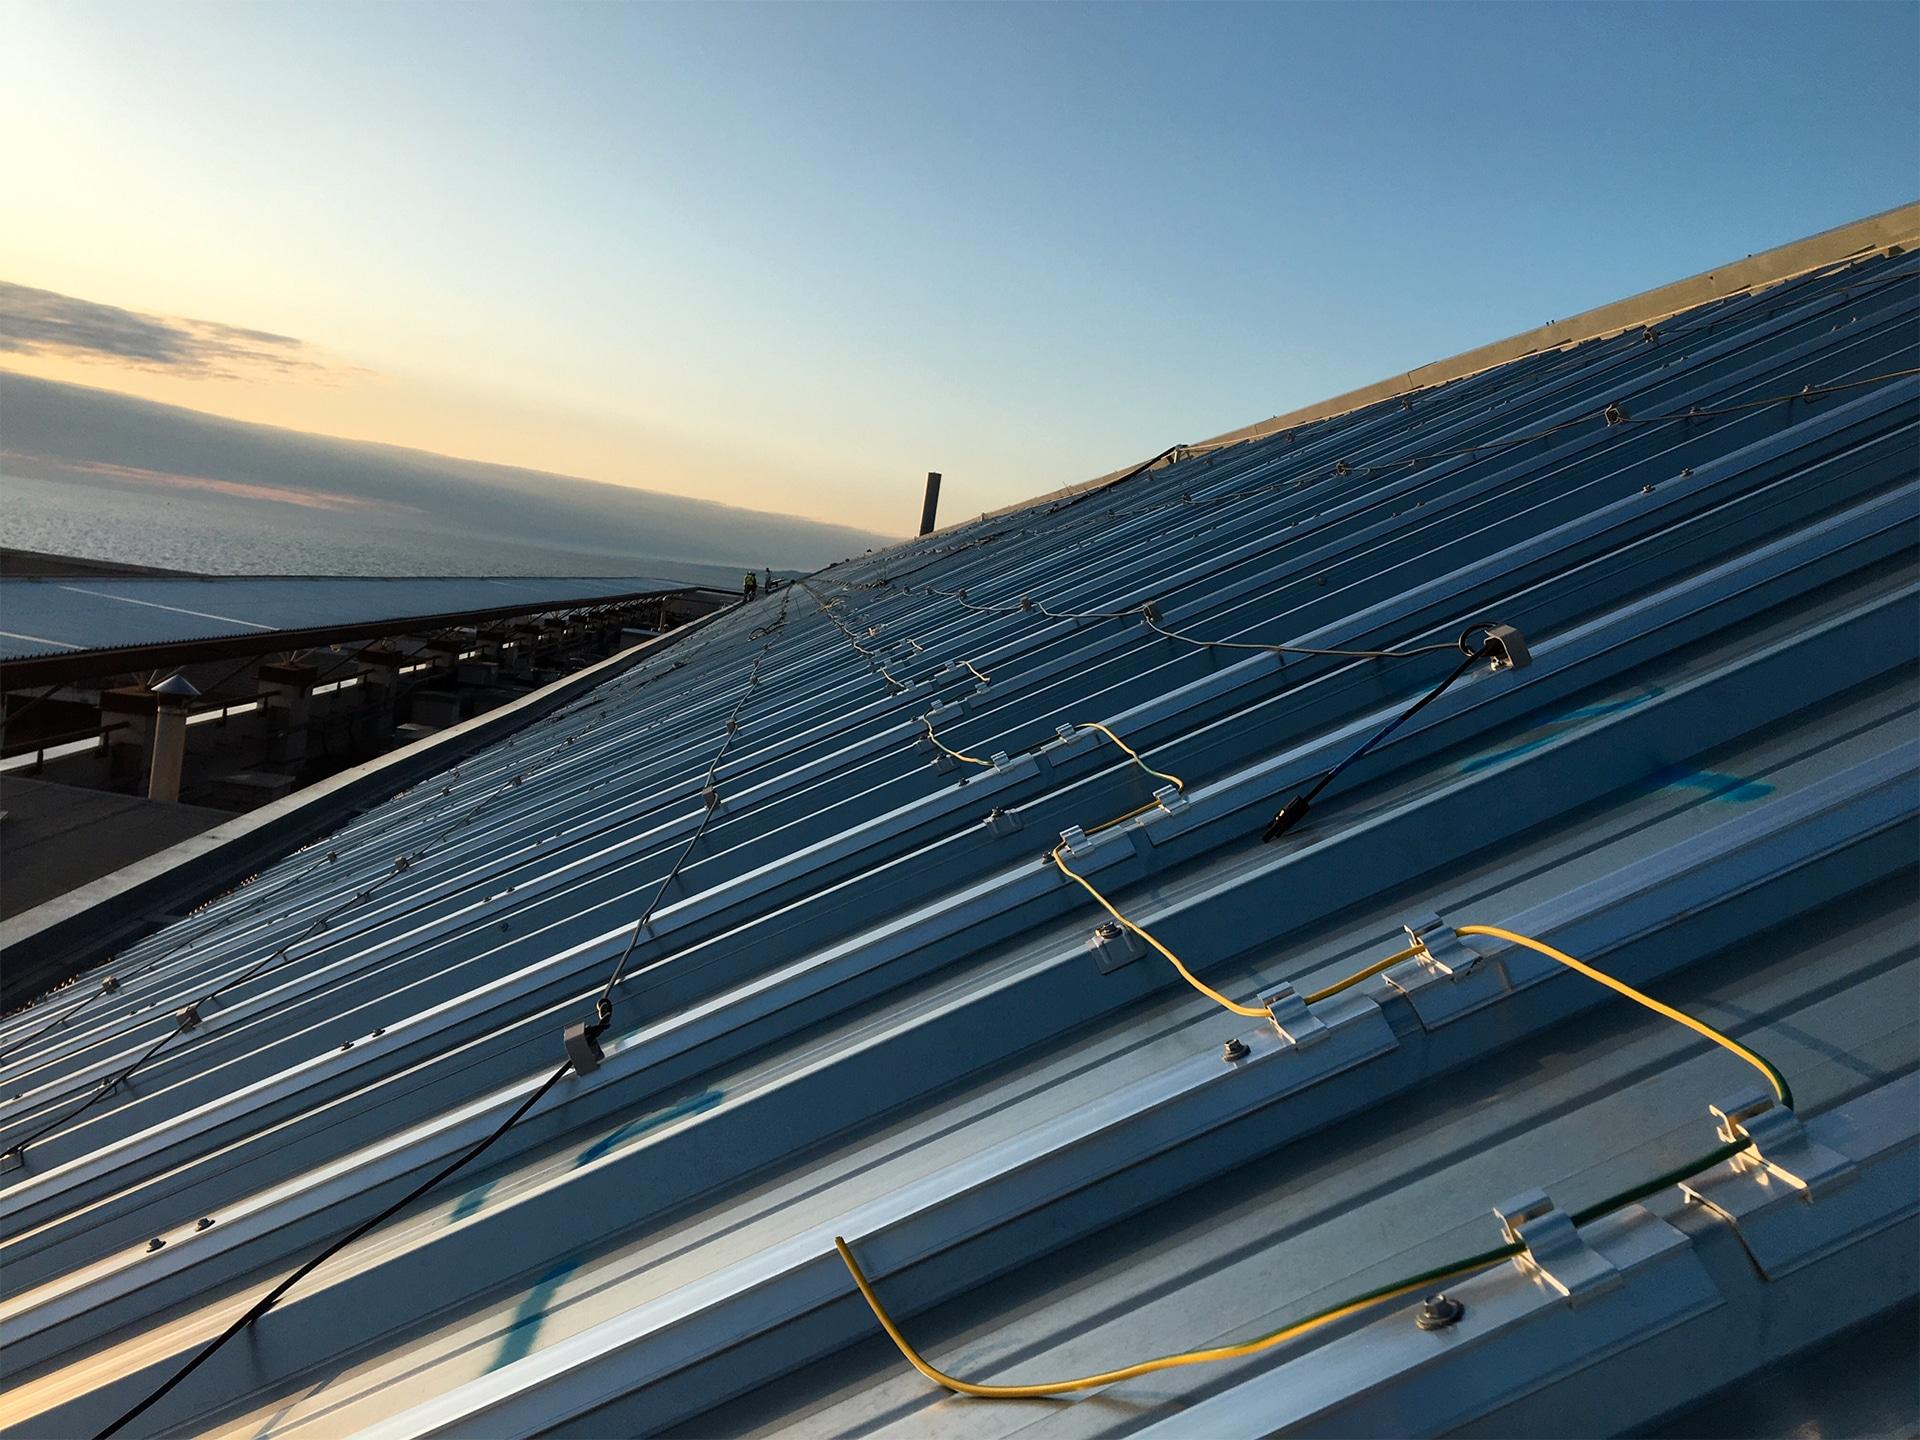 panneaux solaires sur toits pentus